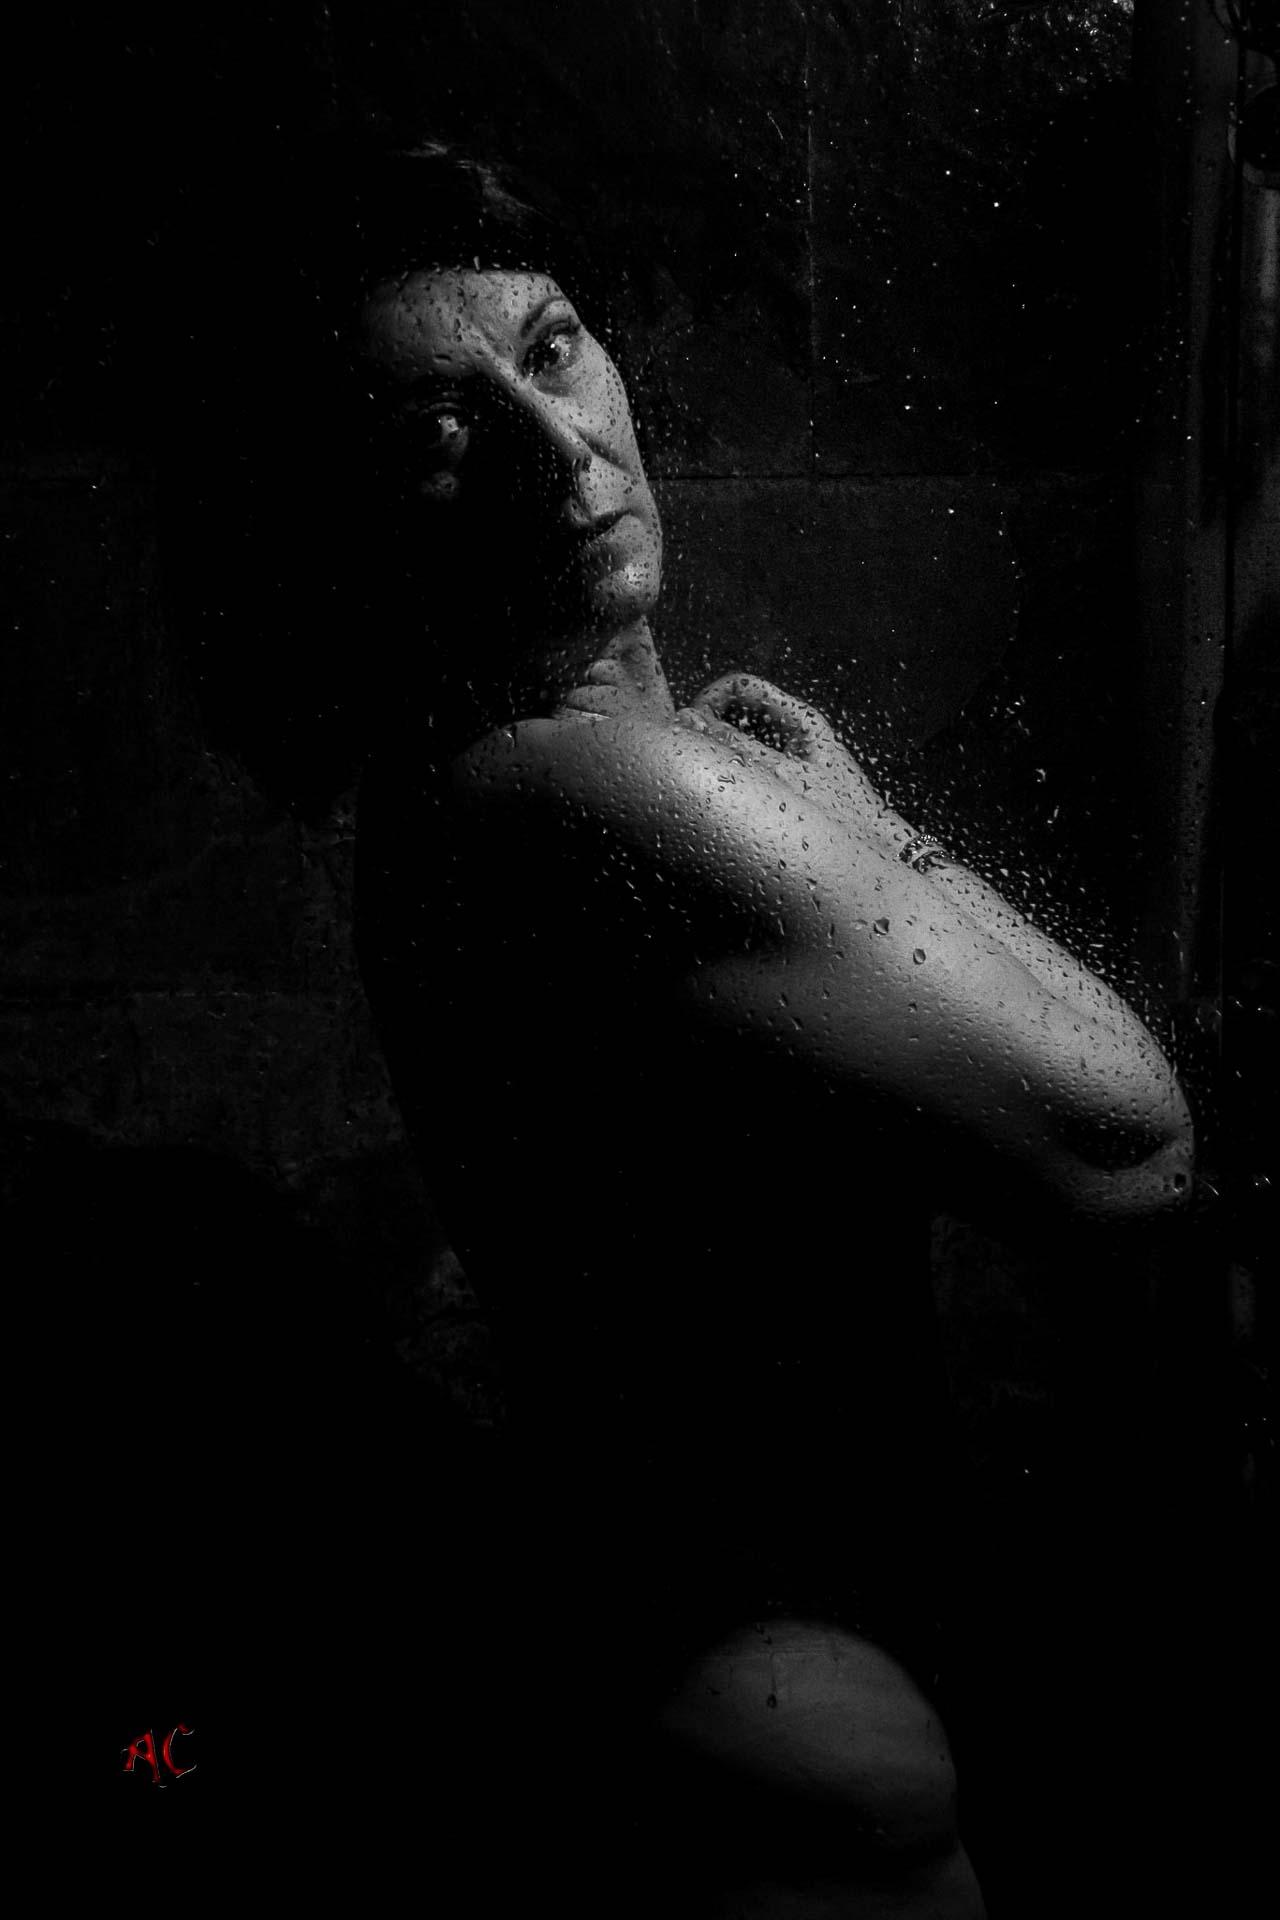 Desnudo artistico en la ducha